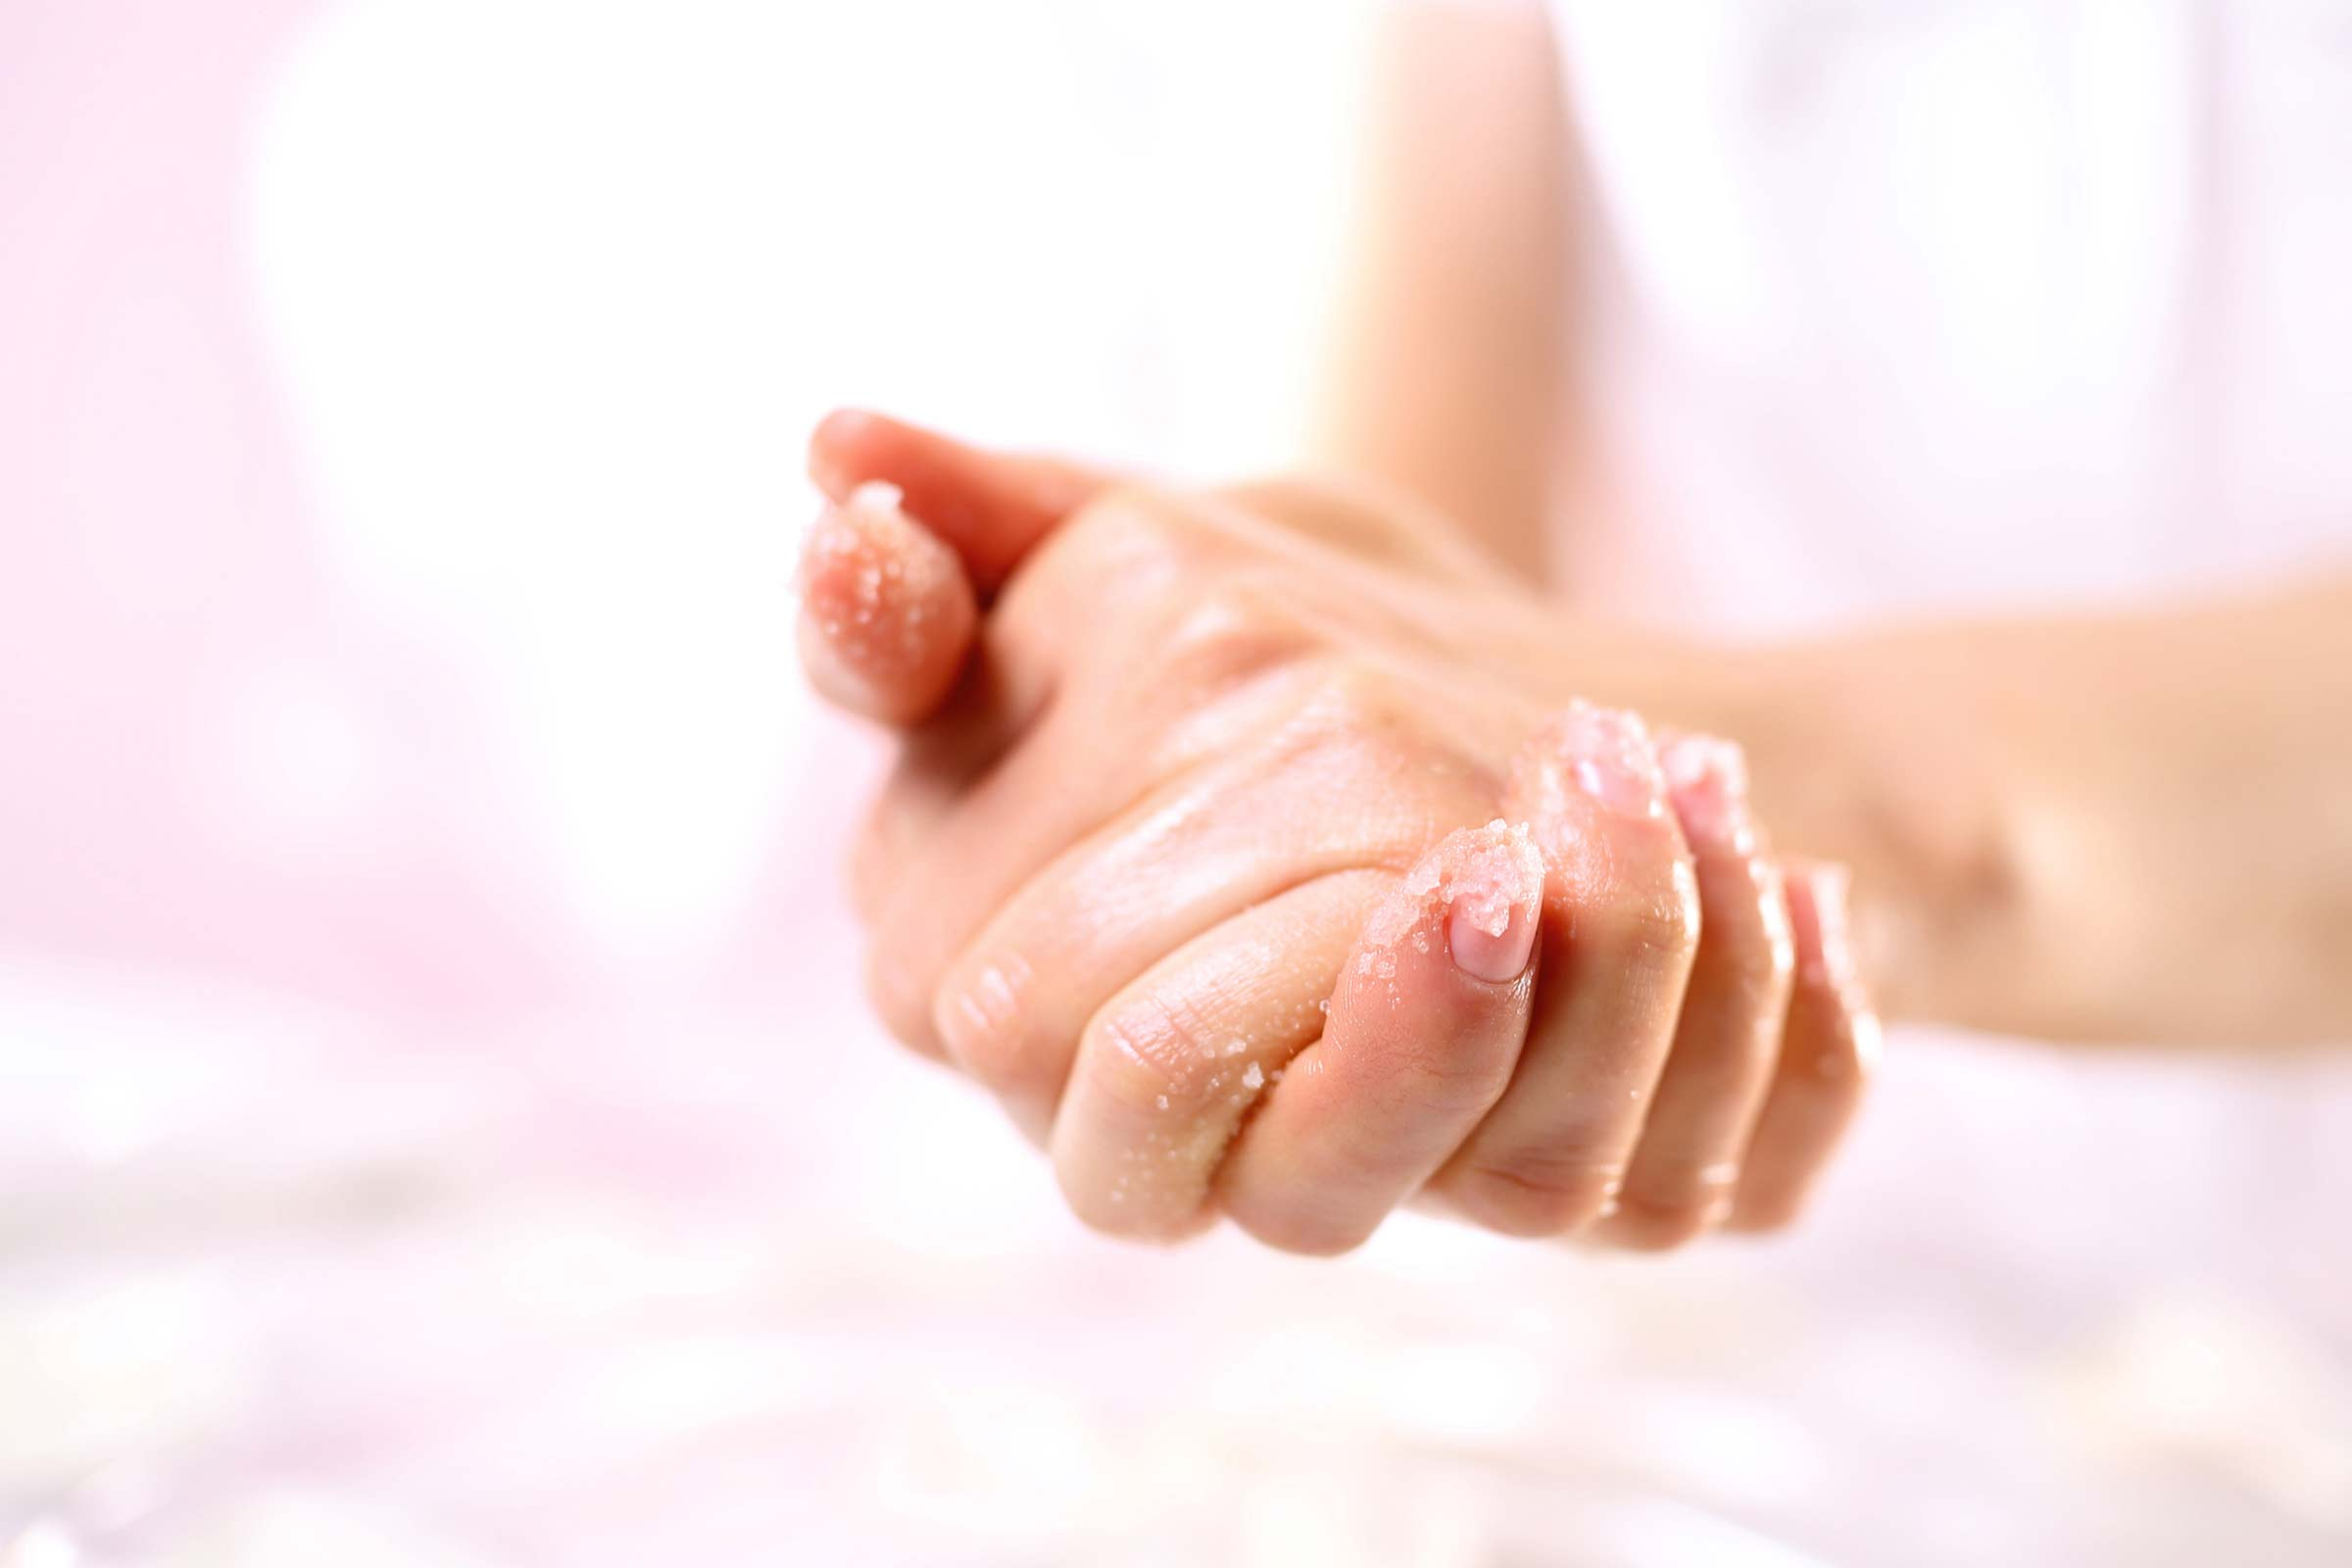 Exfoliate your hands